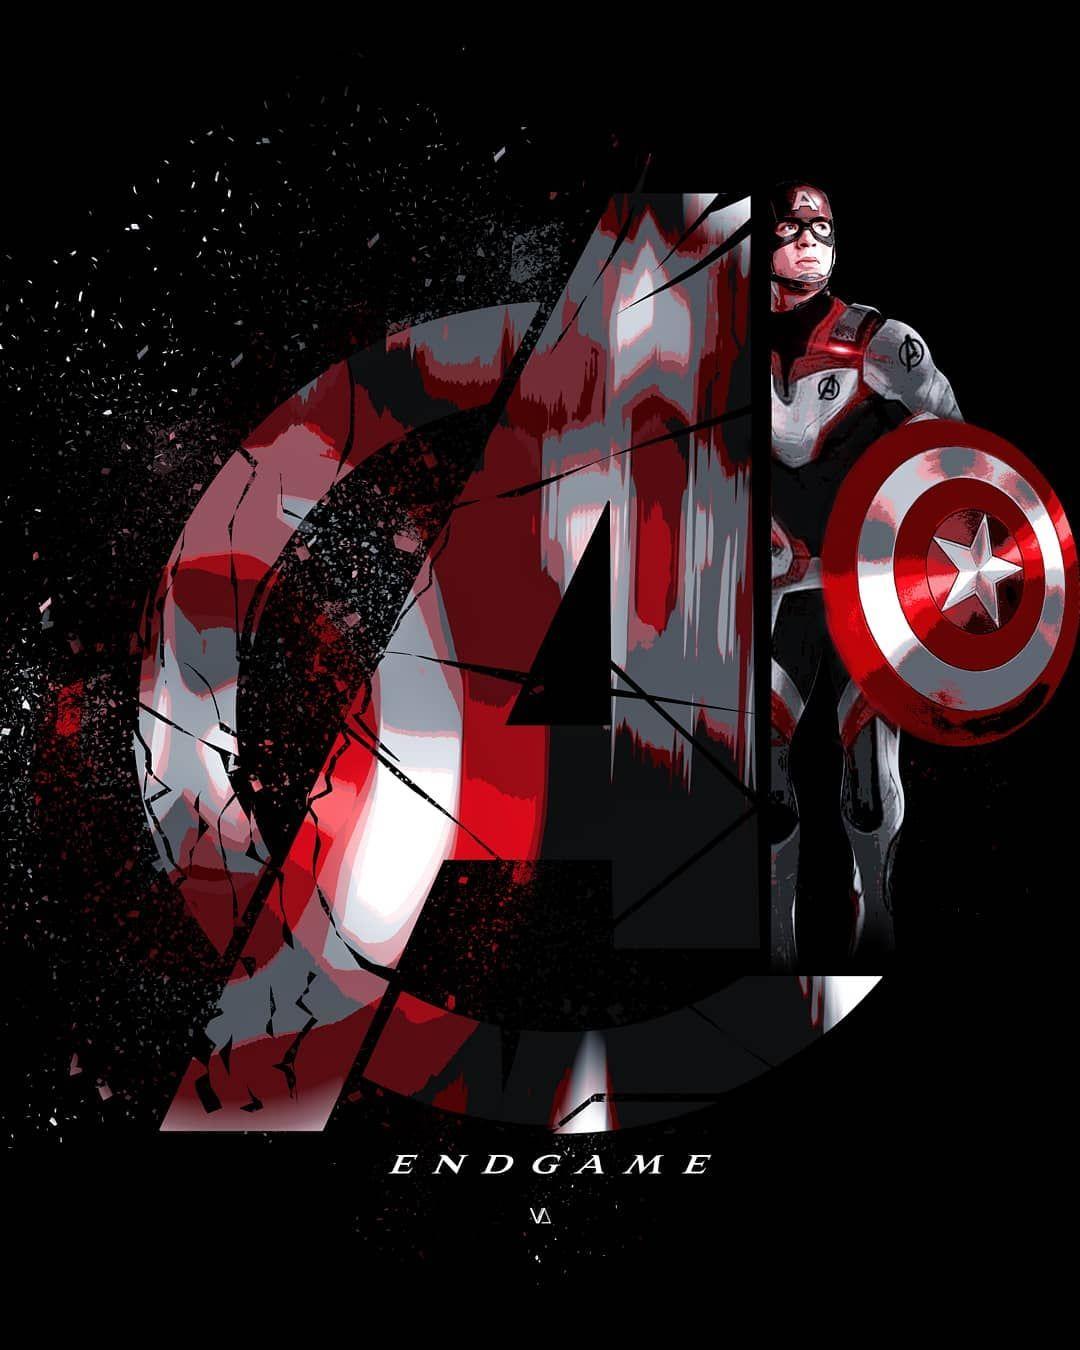 Endgame Bucky Barnes Poster Girls Graphic T Shirt Marvel Avengers